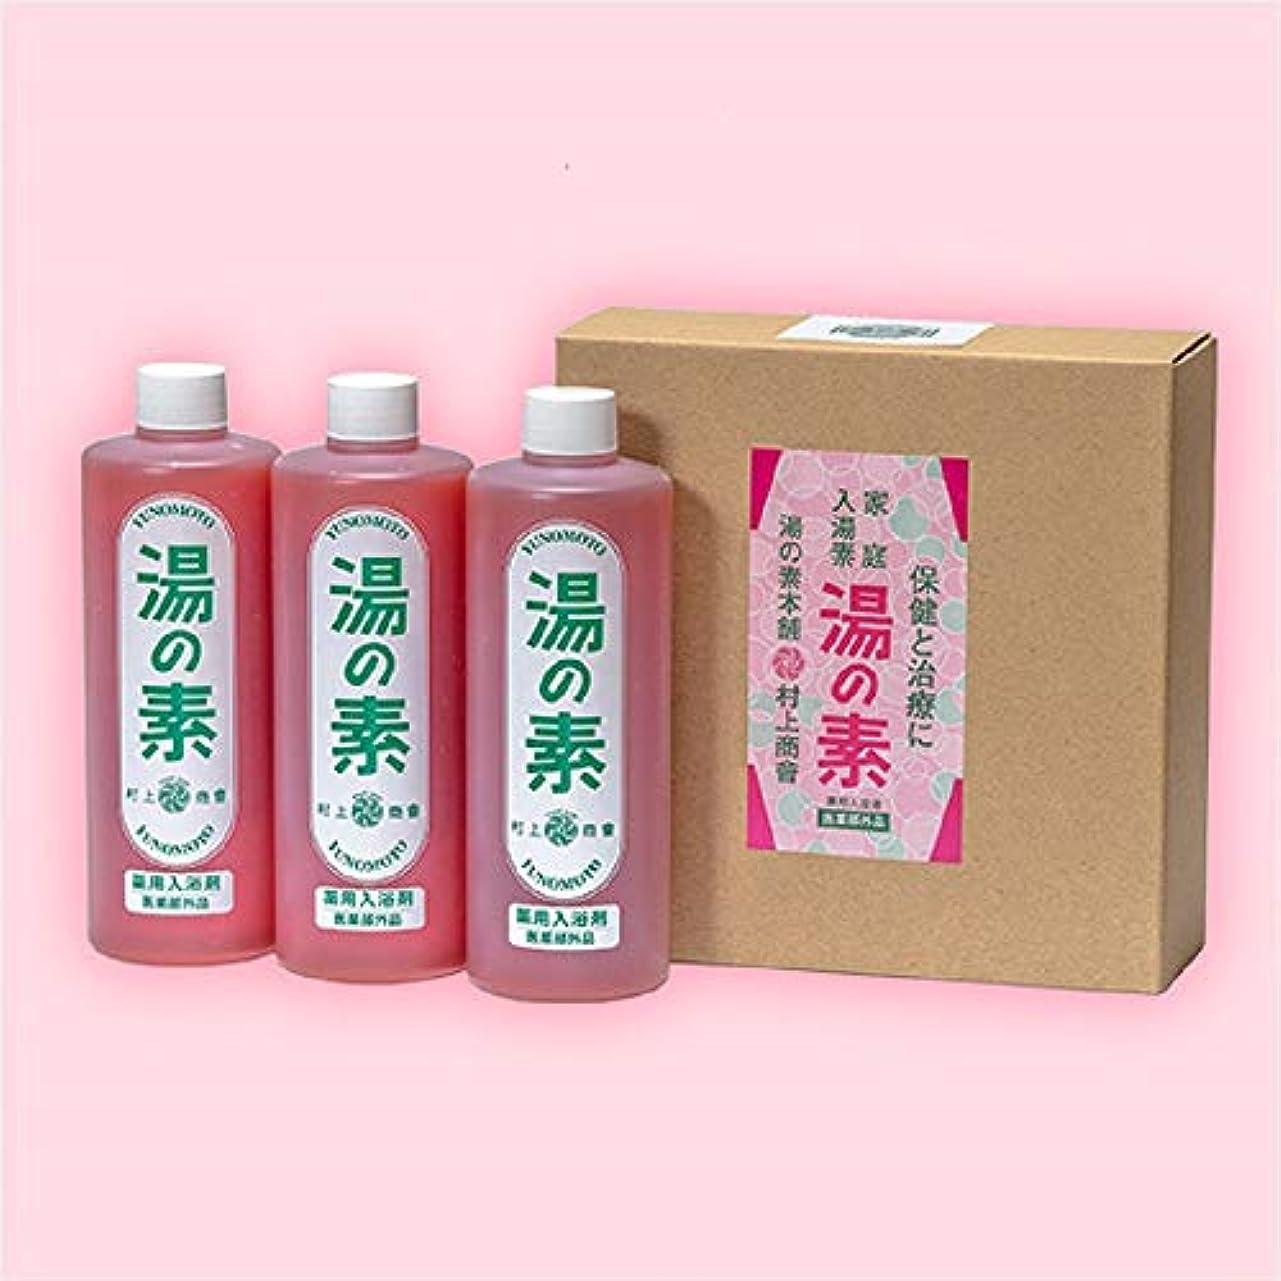 エレガントベストサンドイッチ薬用入浴剤 湯の素 [医薬部外品] 490g(約50回分) 3本セット